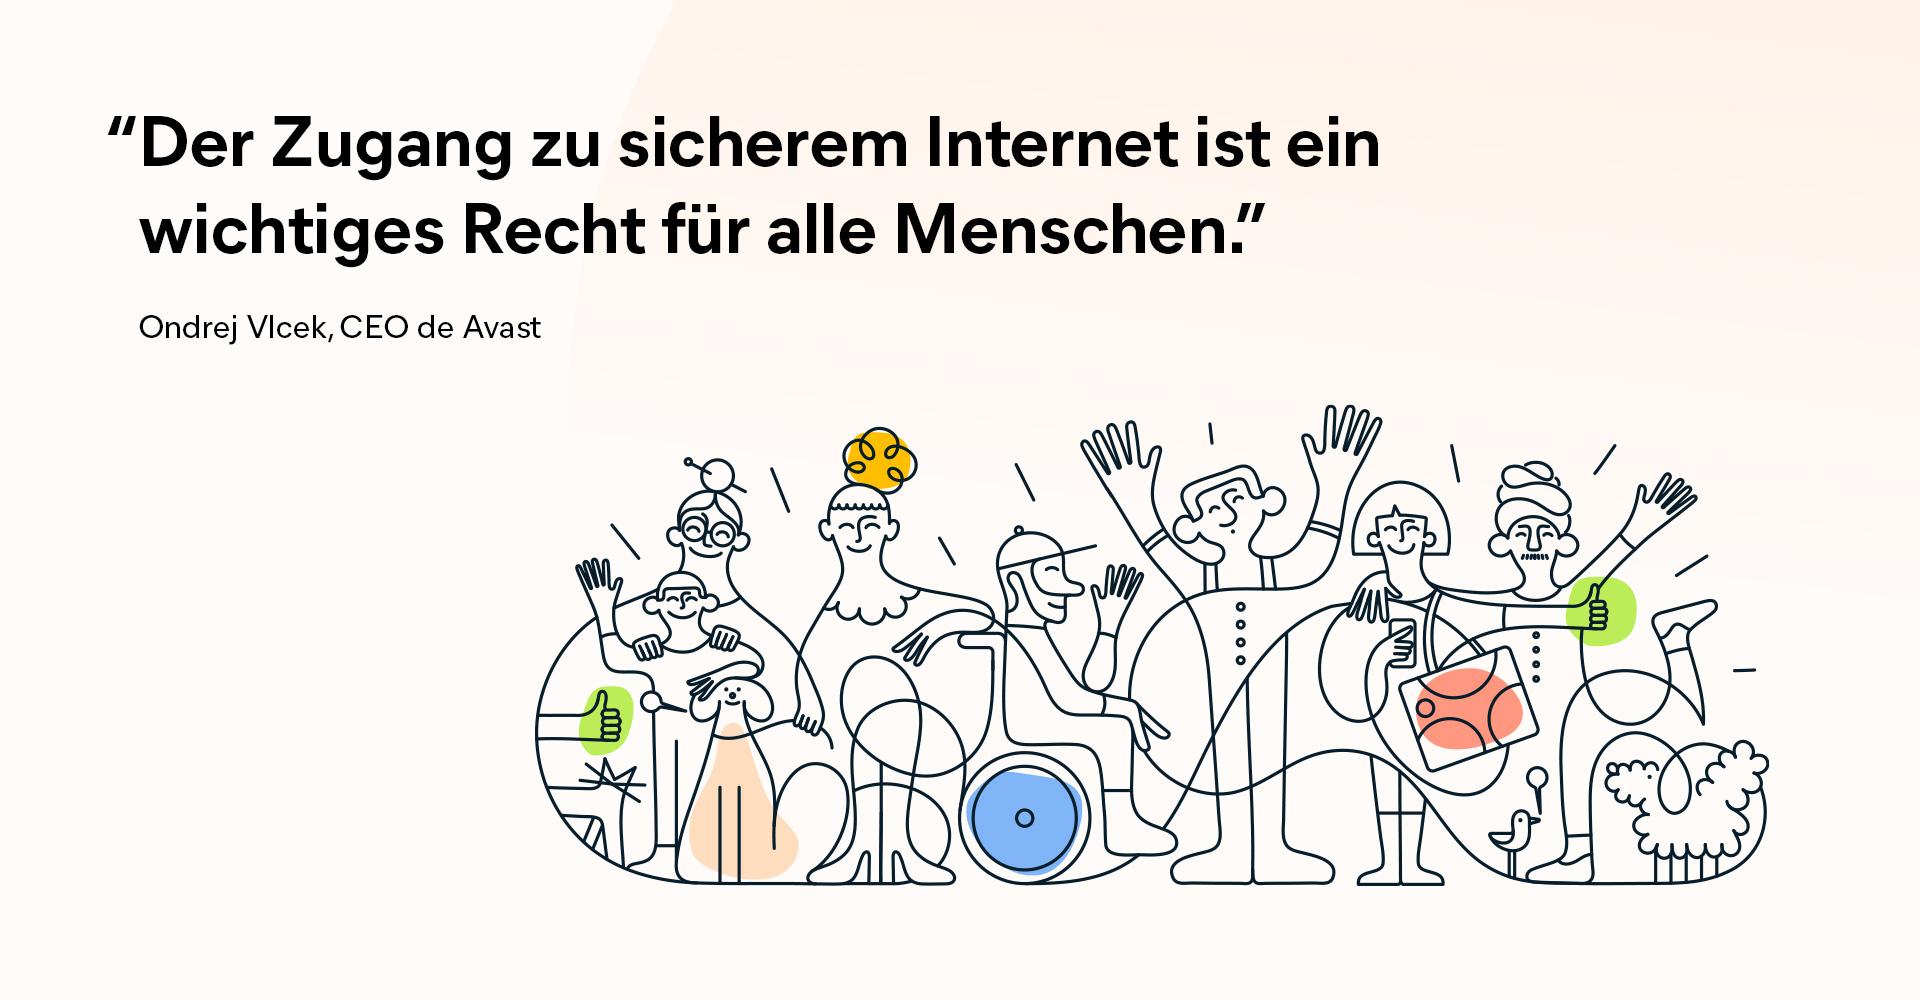 Avast setzt sich für den Schutz der digitalen Freiheit für alle ein